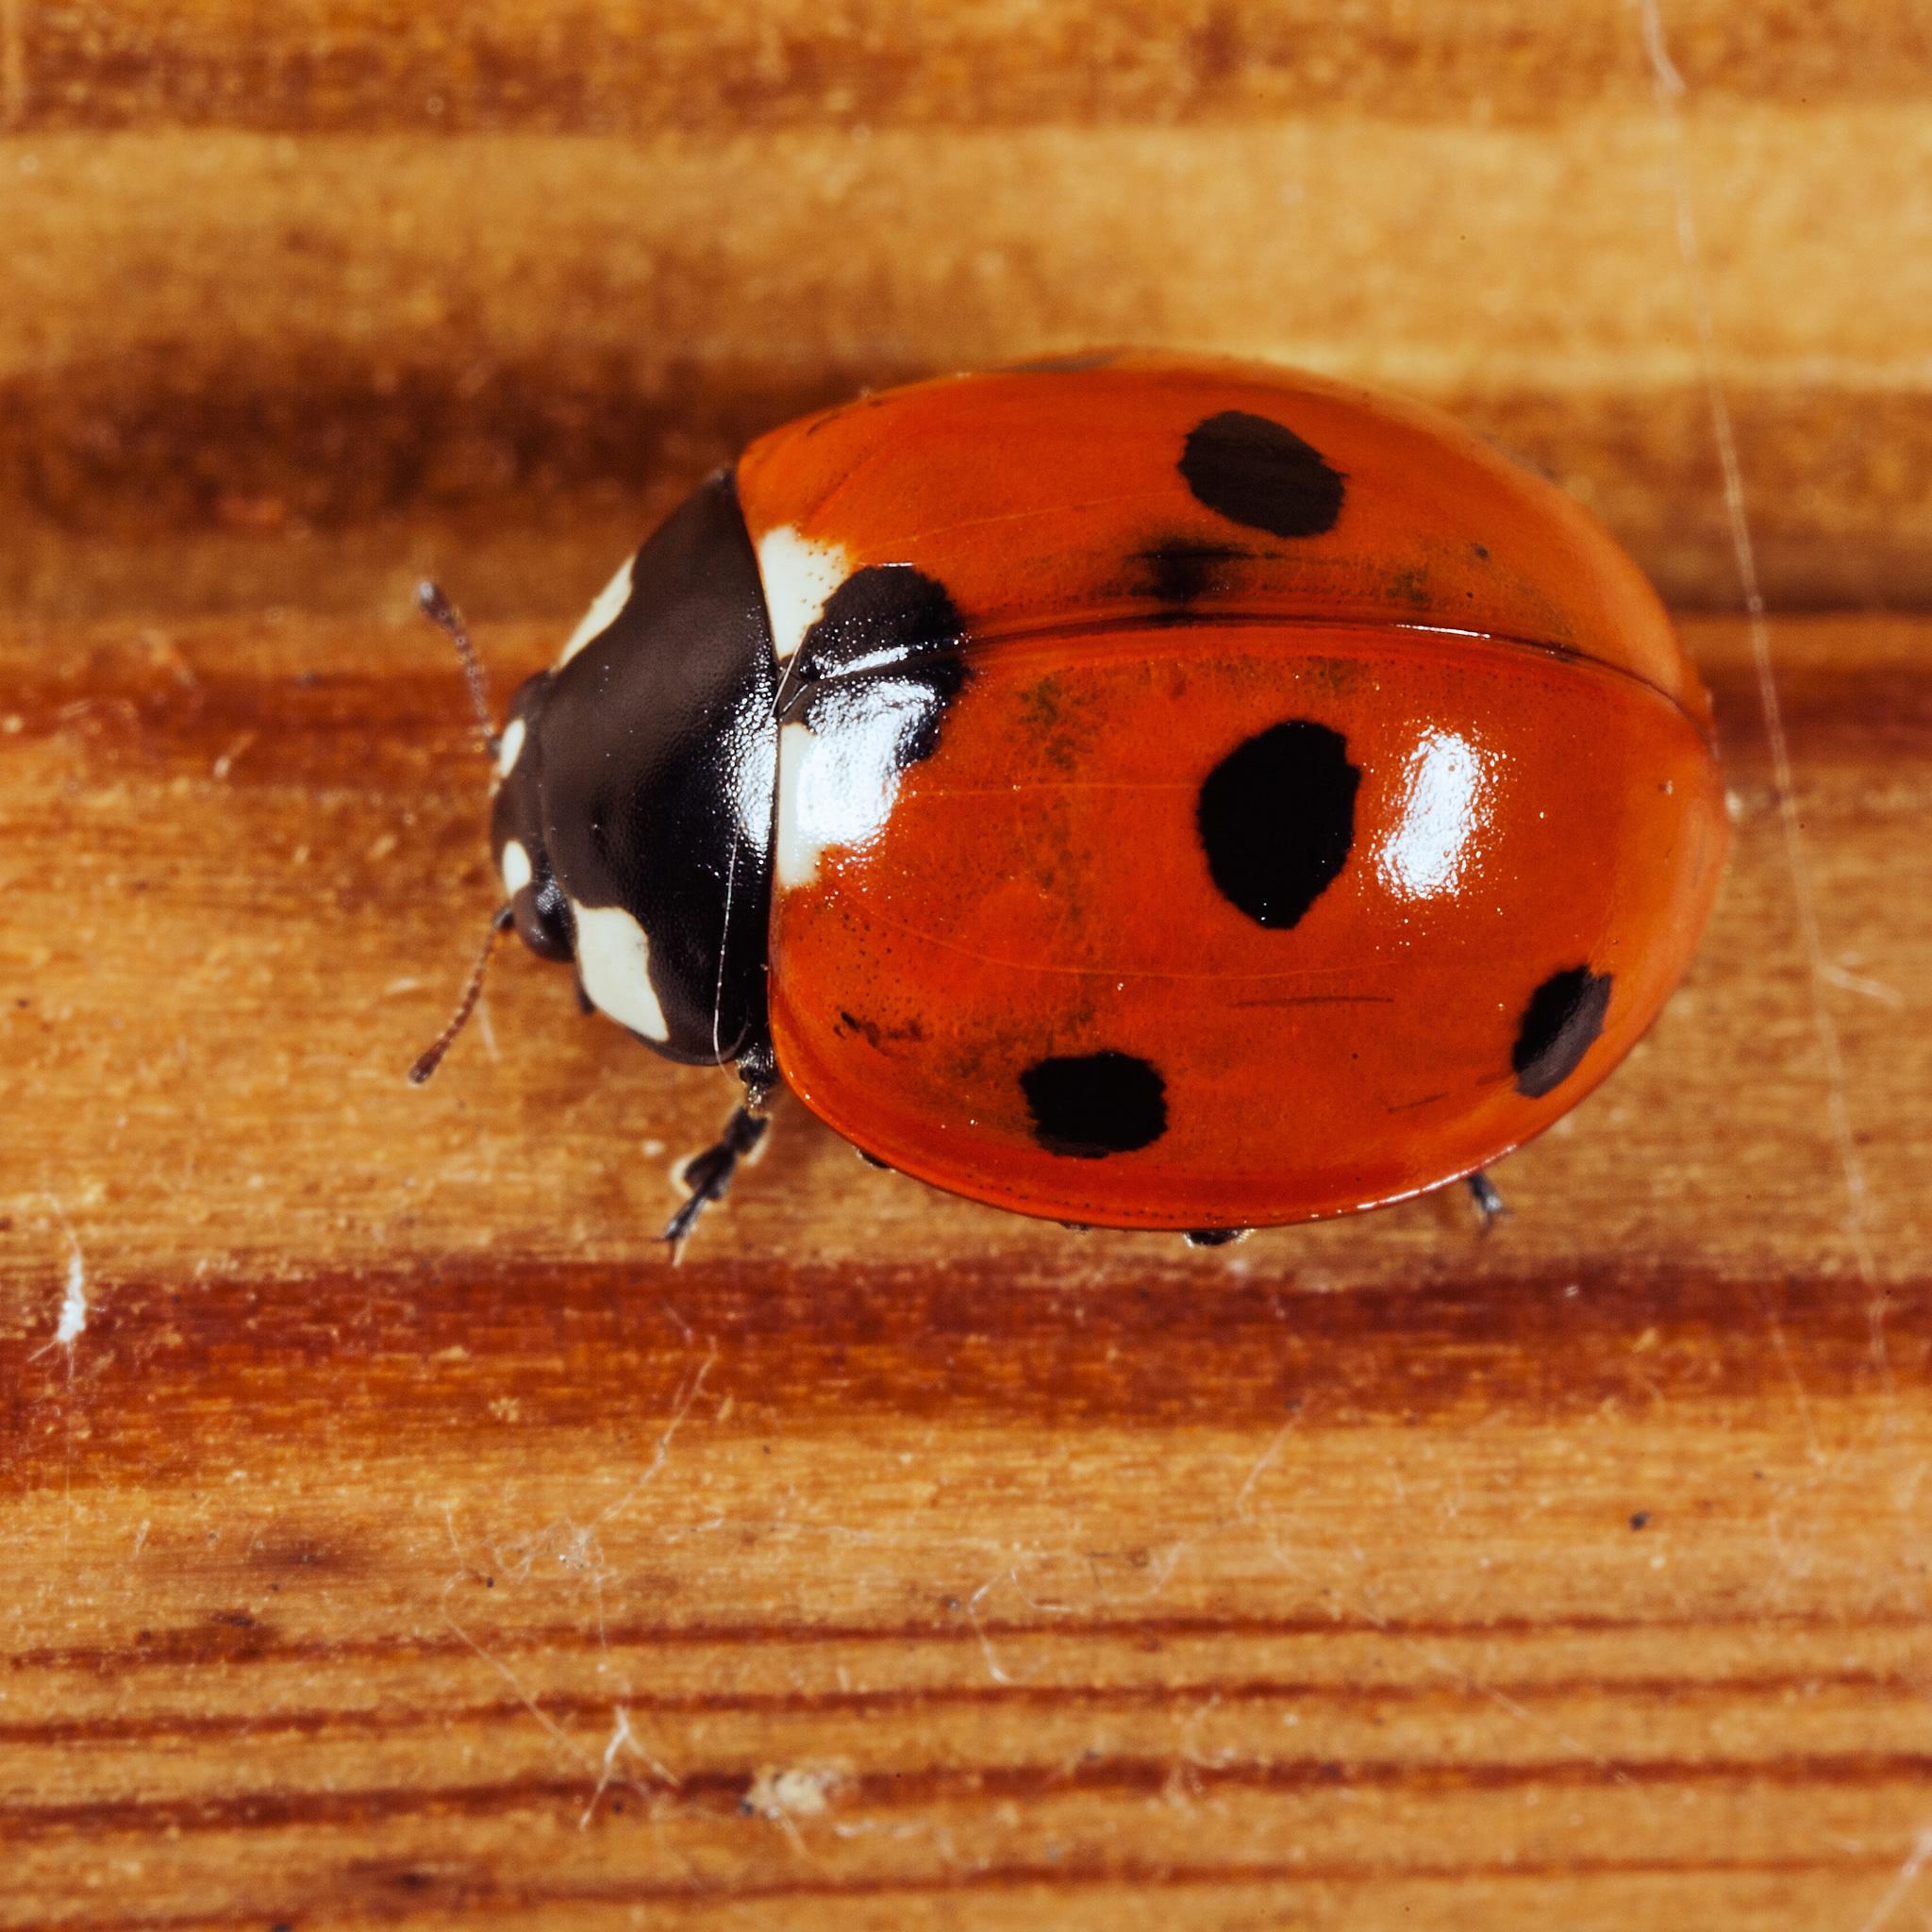 Ladybug 3Wallpapers iPad Retina Ladybug   iPad Retina